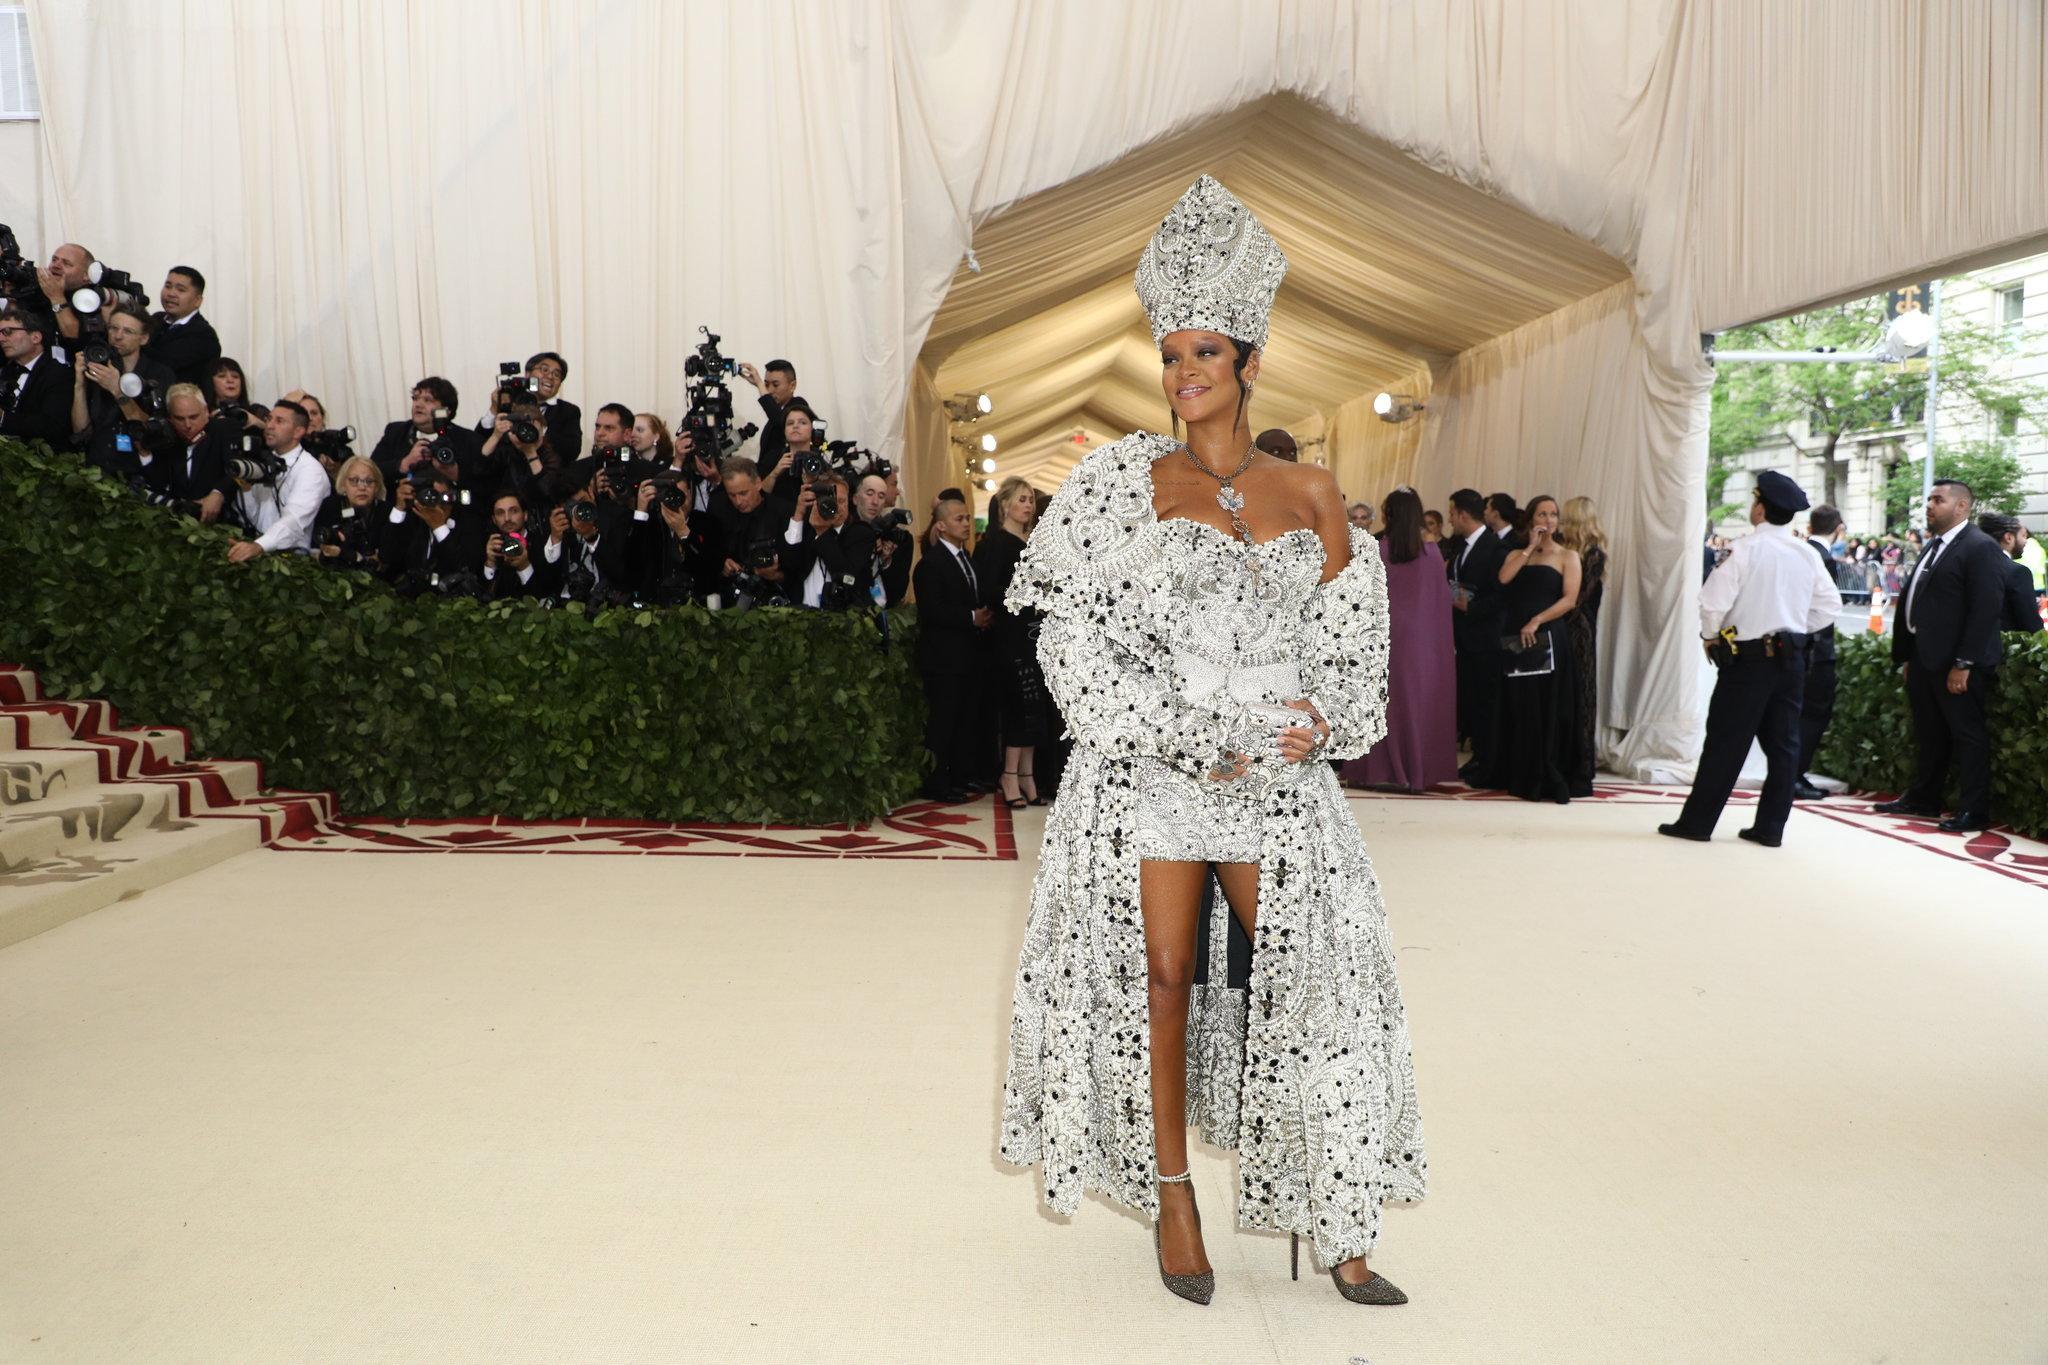 Rihanna de Maison Margiela por John Galliano em um vestido que levou mais de 500 horas de bordado / Reprodução